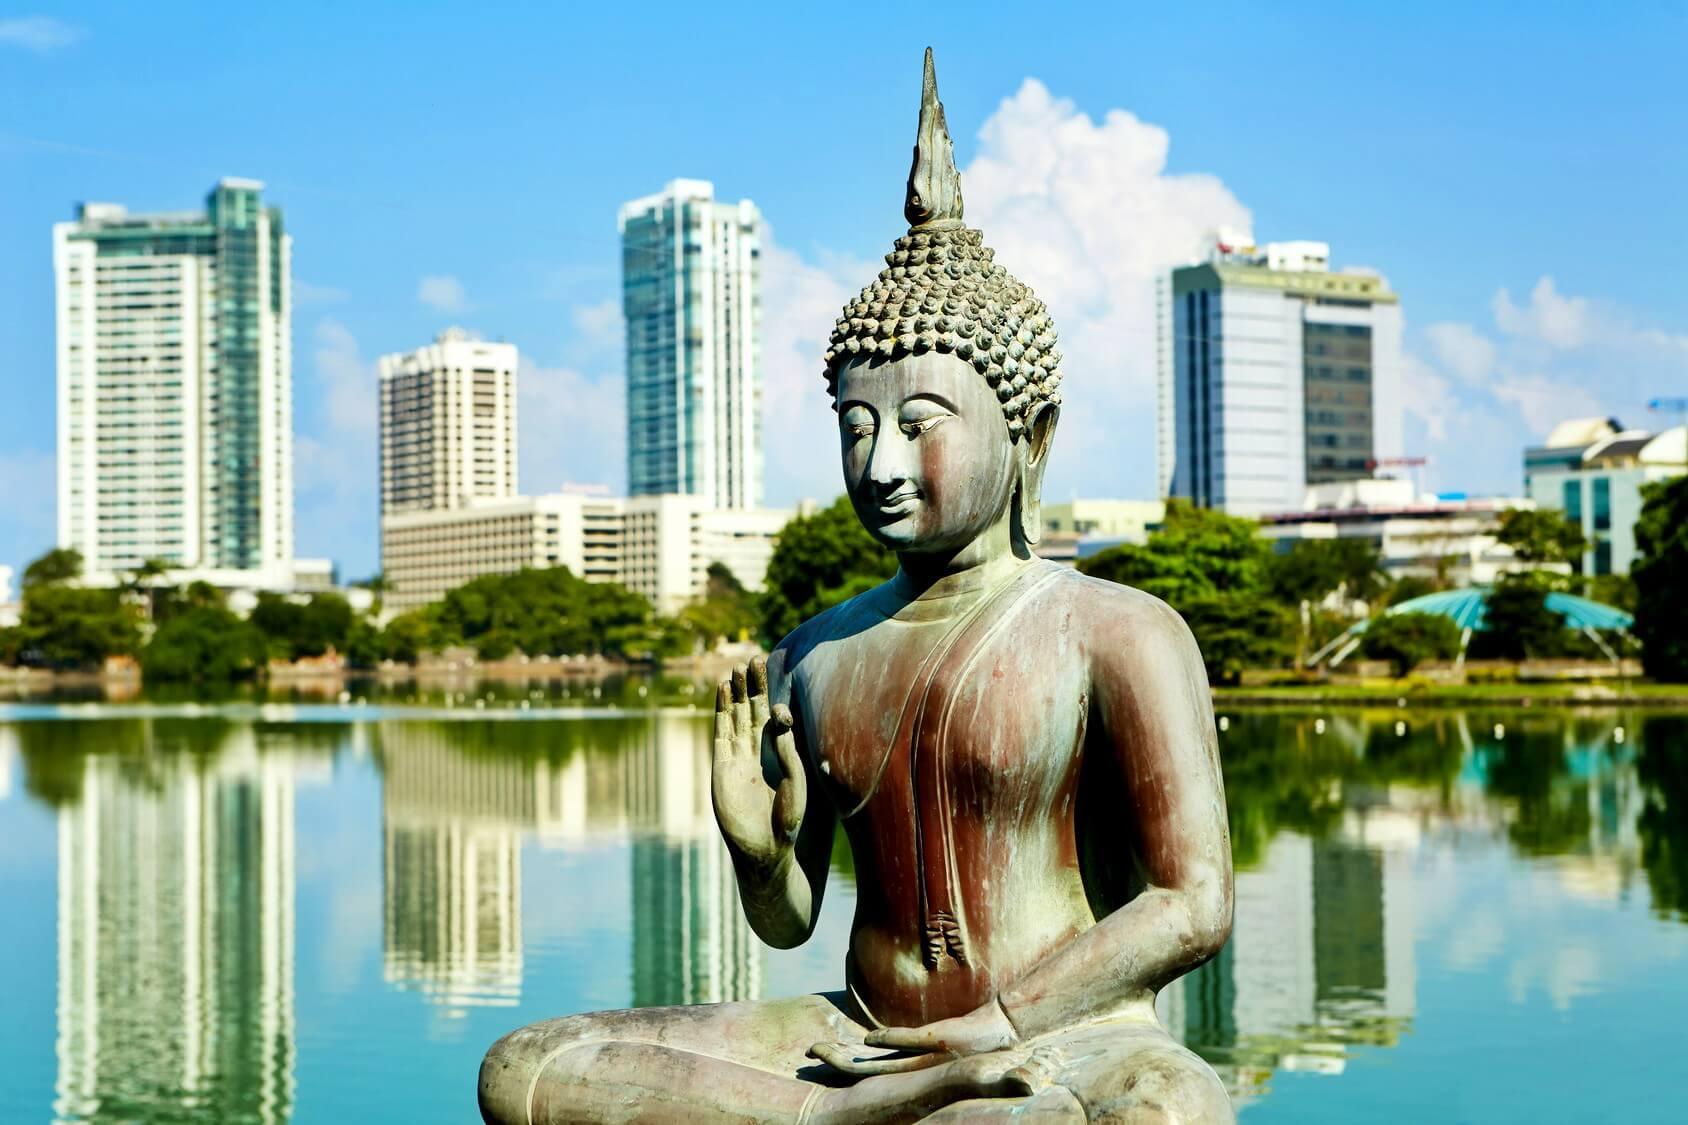 The Best Luxury Hotels In Colombo, Sri Lanka